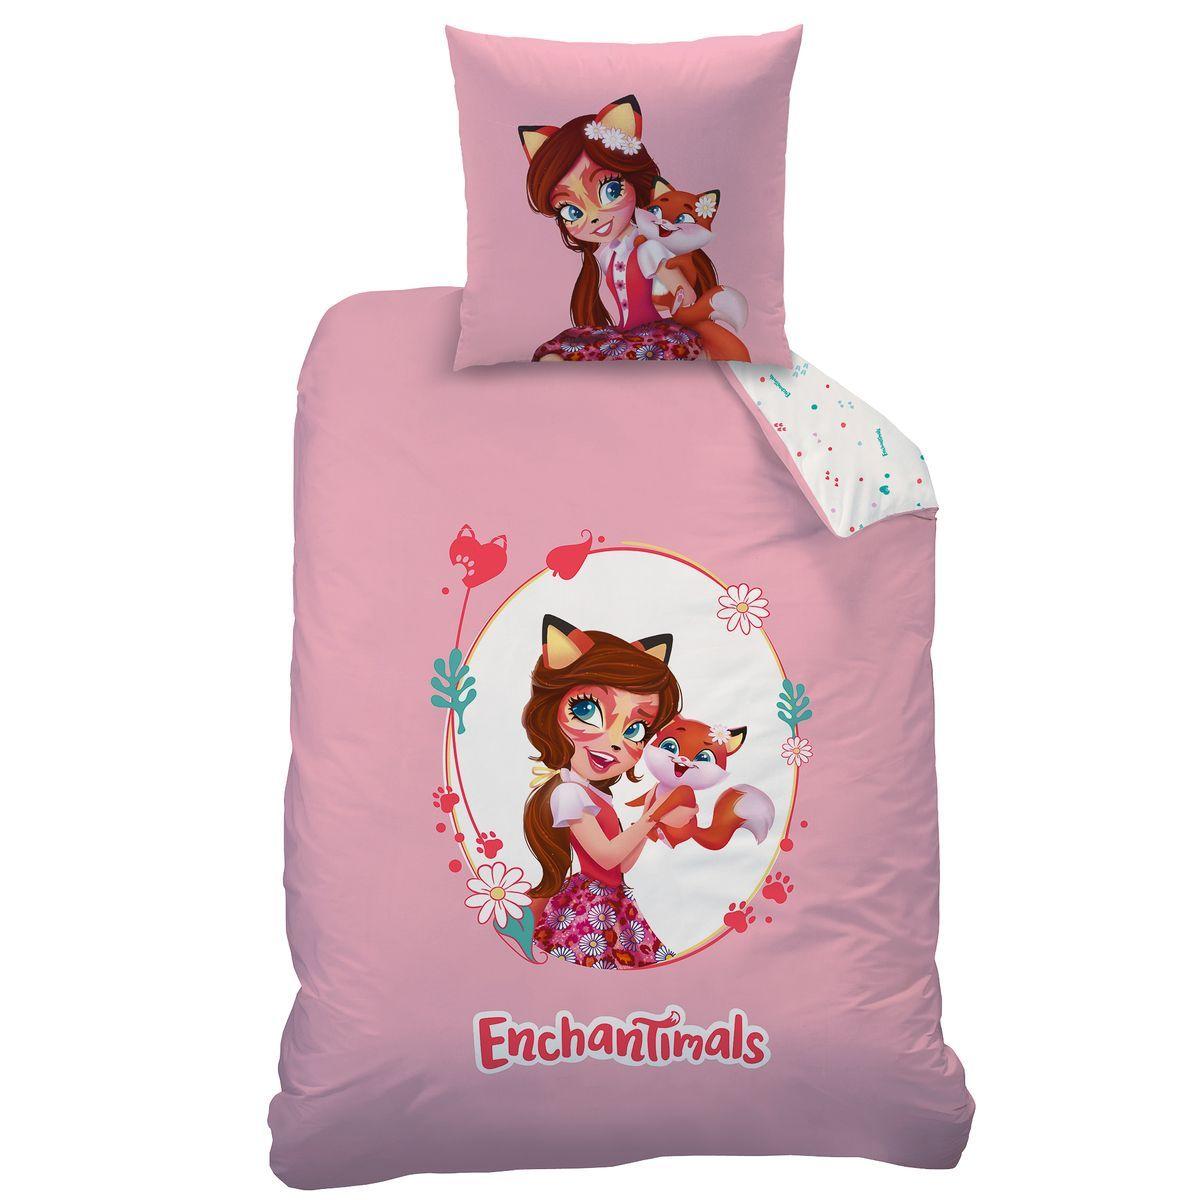 Parure De Lit Enfant En Pur Coton Enchantimals Fox Taille 140x200 Cm Housse De Couette Enfant Housse De Couette Parure De Lit Enfant